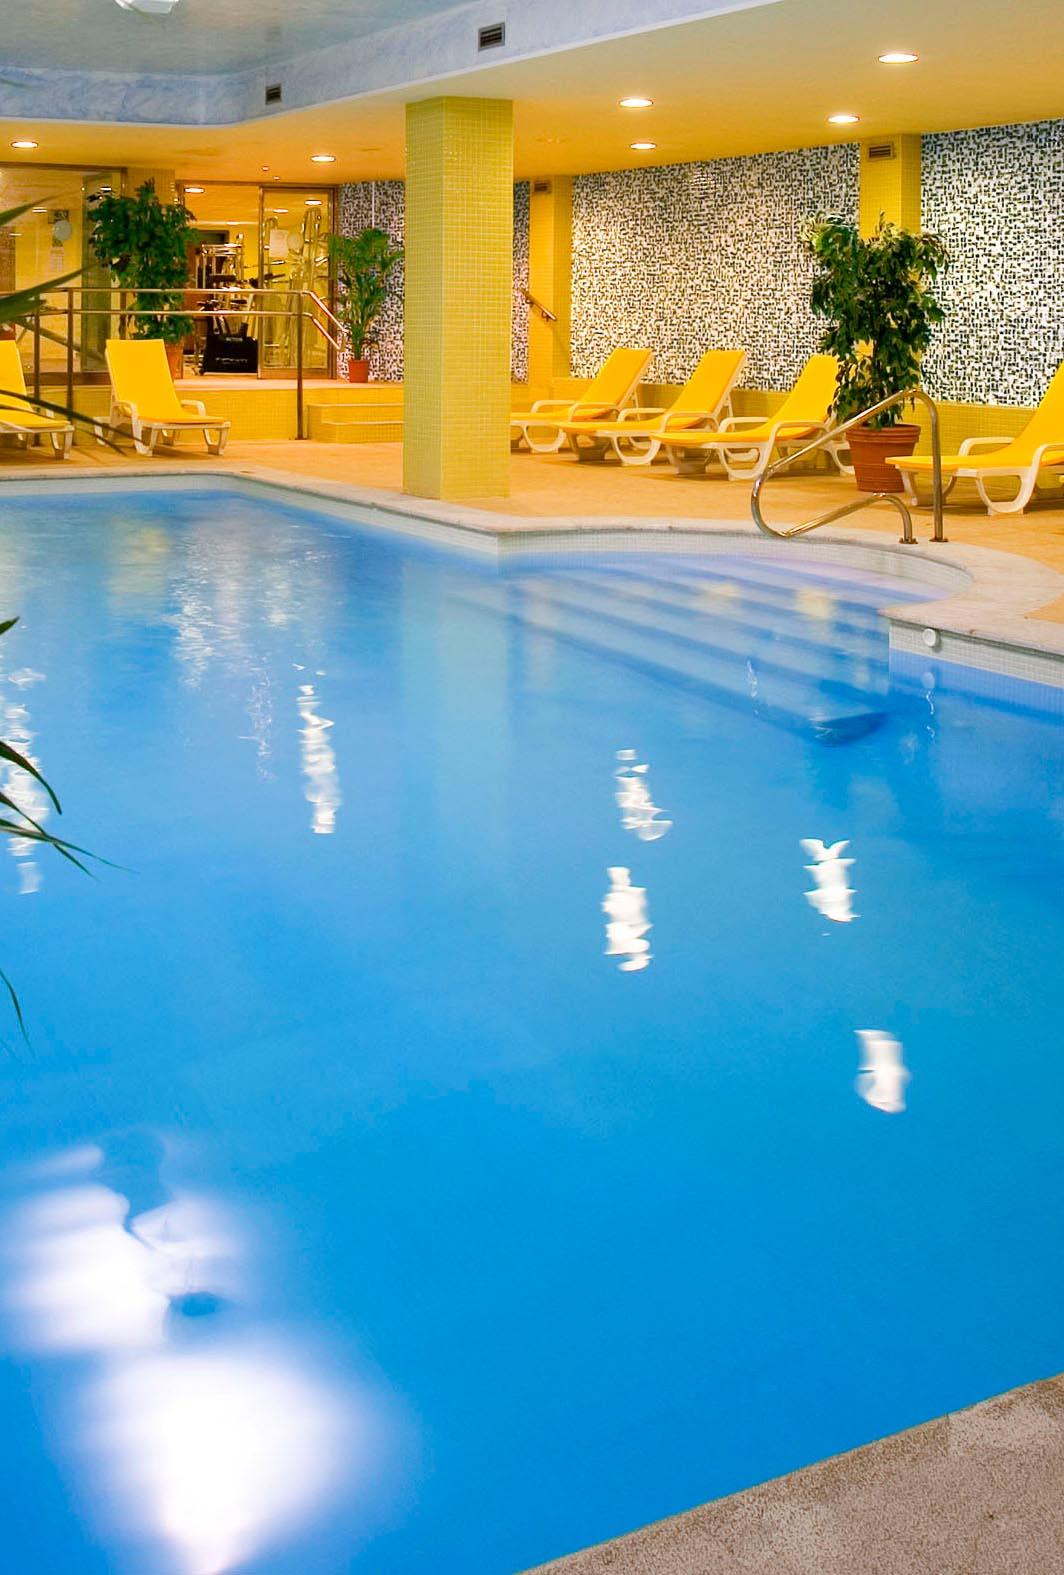 Tauchen Sie ein in unseren Pool